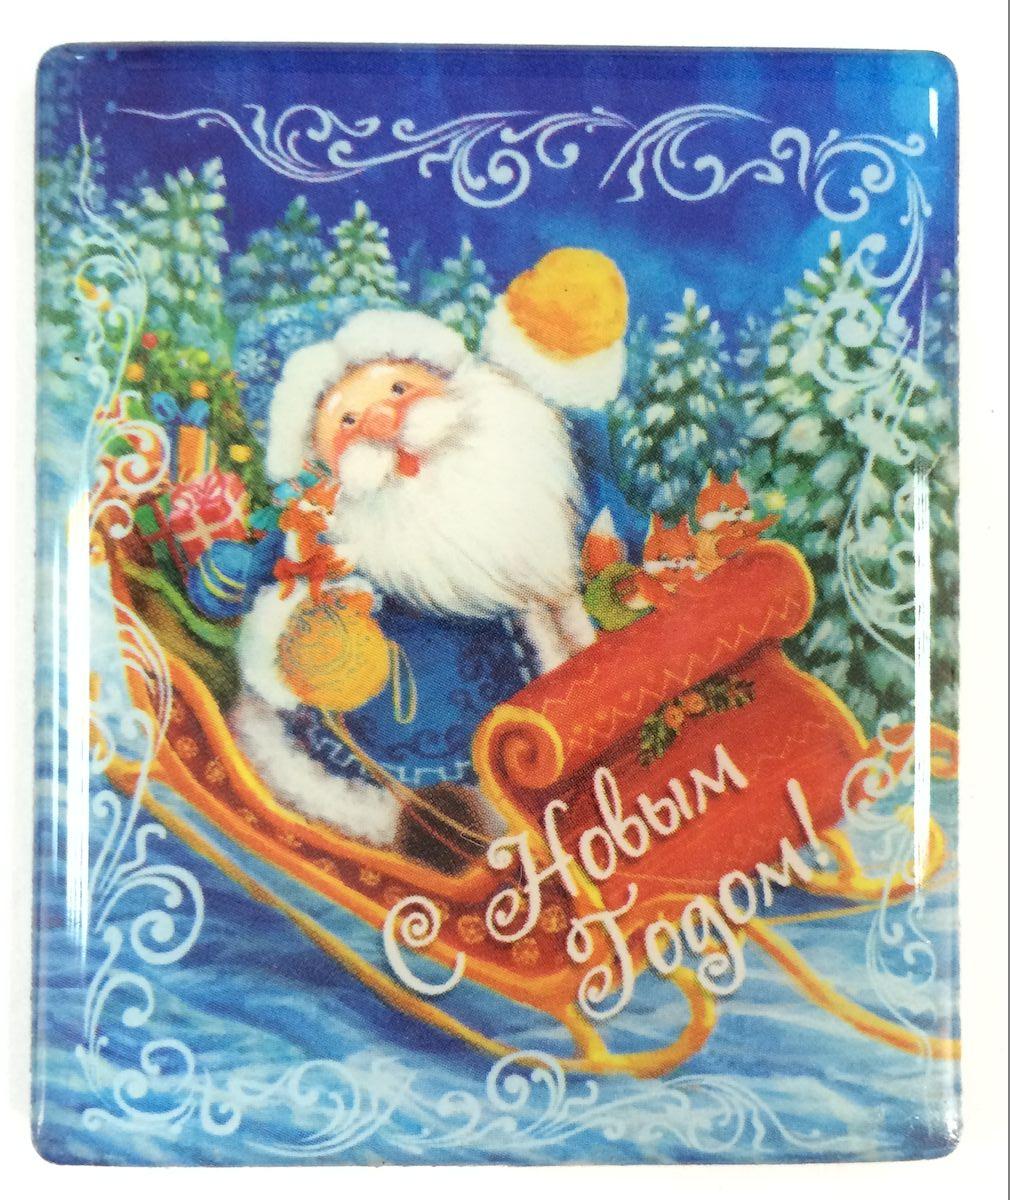 Магнит декоративный Magic Time Дед Мороз в санях, 6 х 5 см. 3837541178Магнит Magic Time Дед Мороз в санях, выполненный из агломерированного феррита, прекрасно подойдет в качестве сувенира к Новому году или станет приятным презентом в обычный день. Магнит - одно из самых простых, недорогих и при этом оригинальных украшений интерьера. Он поможет вам украсить не только холодильник, но и любую другую магнитную поверхность.Материал: агломерированный феррит.